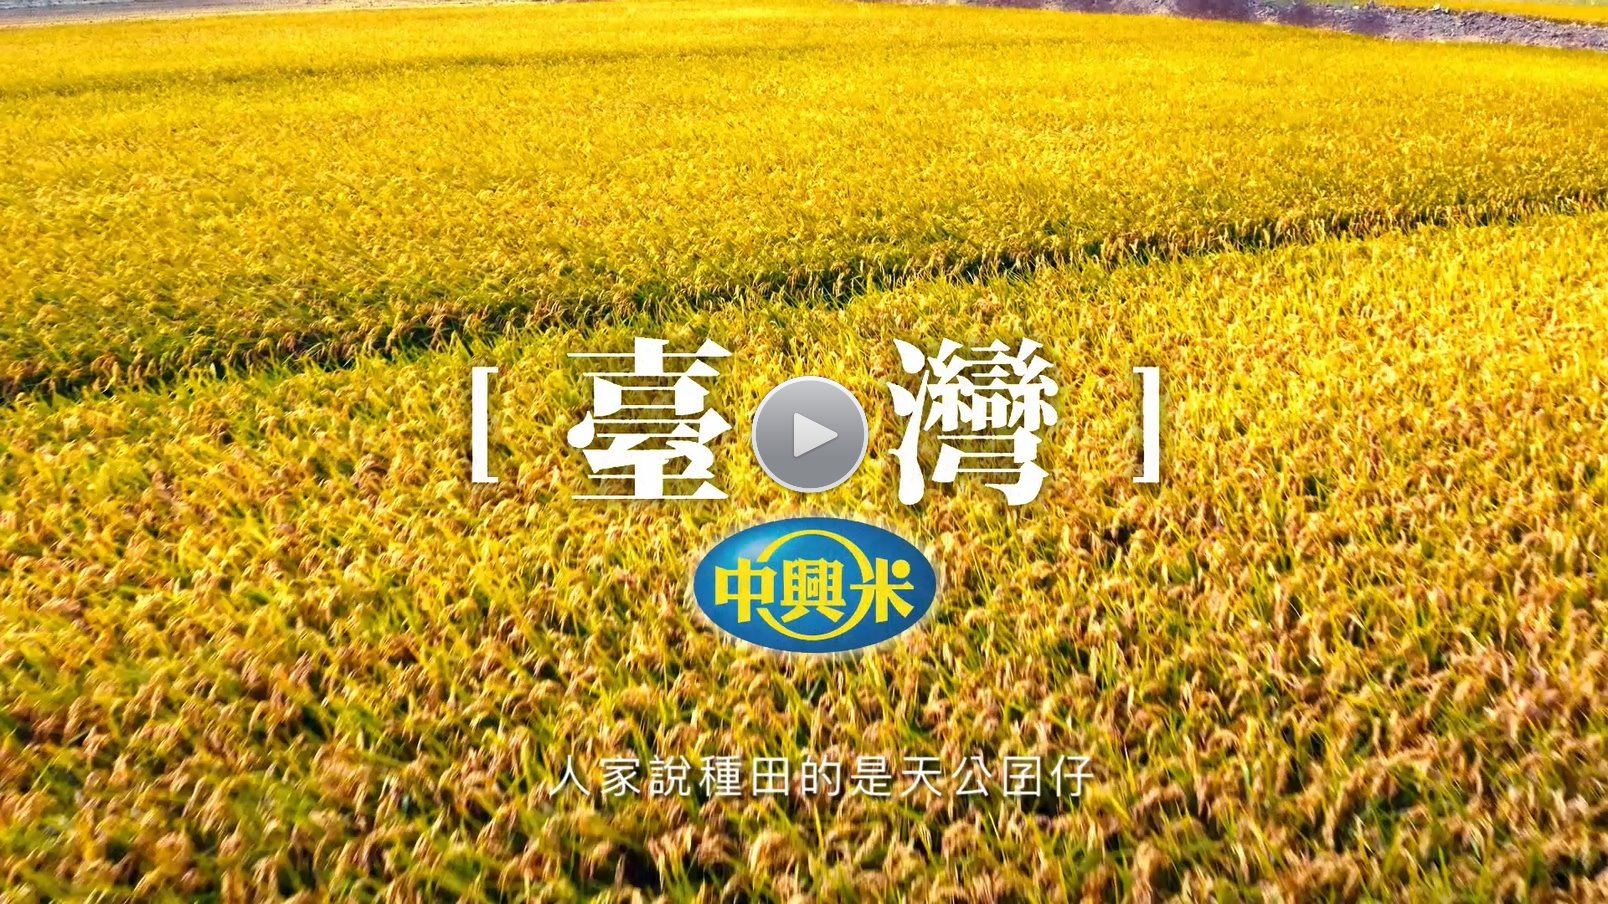 企業價值 - 創新全球米食文化、永續在地農業經營、滿足人類健康幸福需求